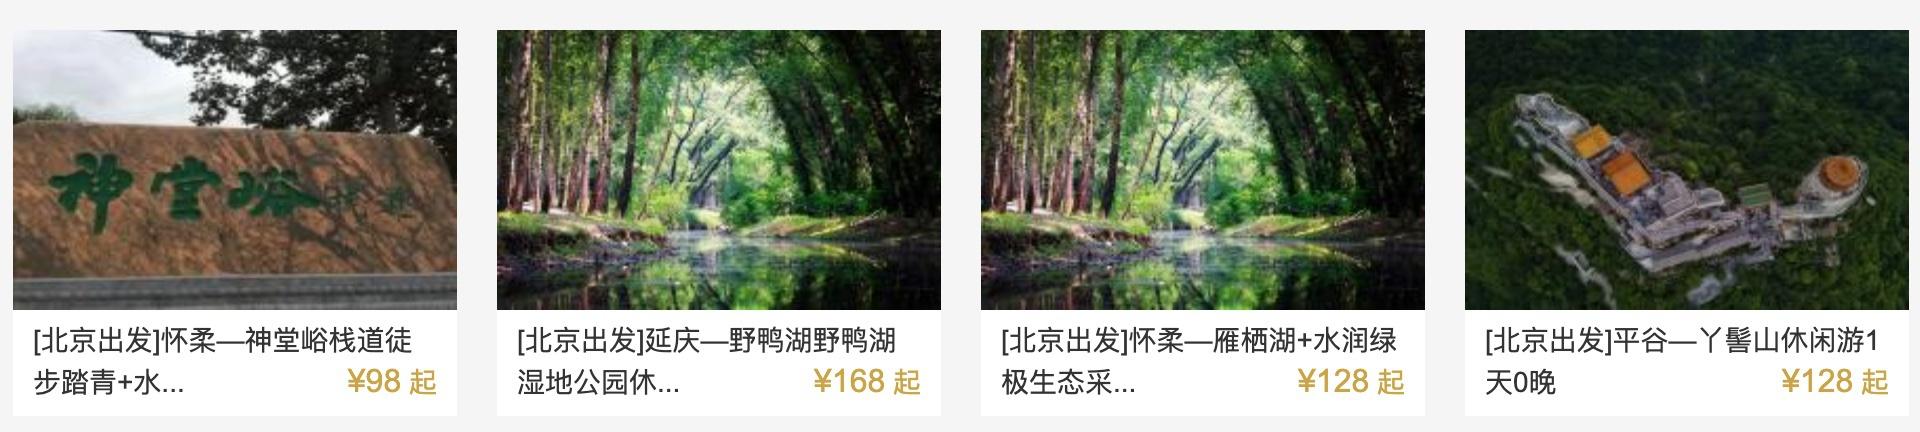 摩天平台游旅行社是积极信号摩天平台盼更图片